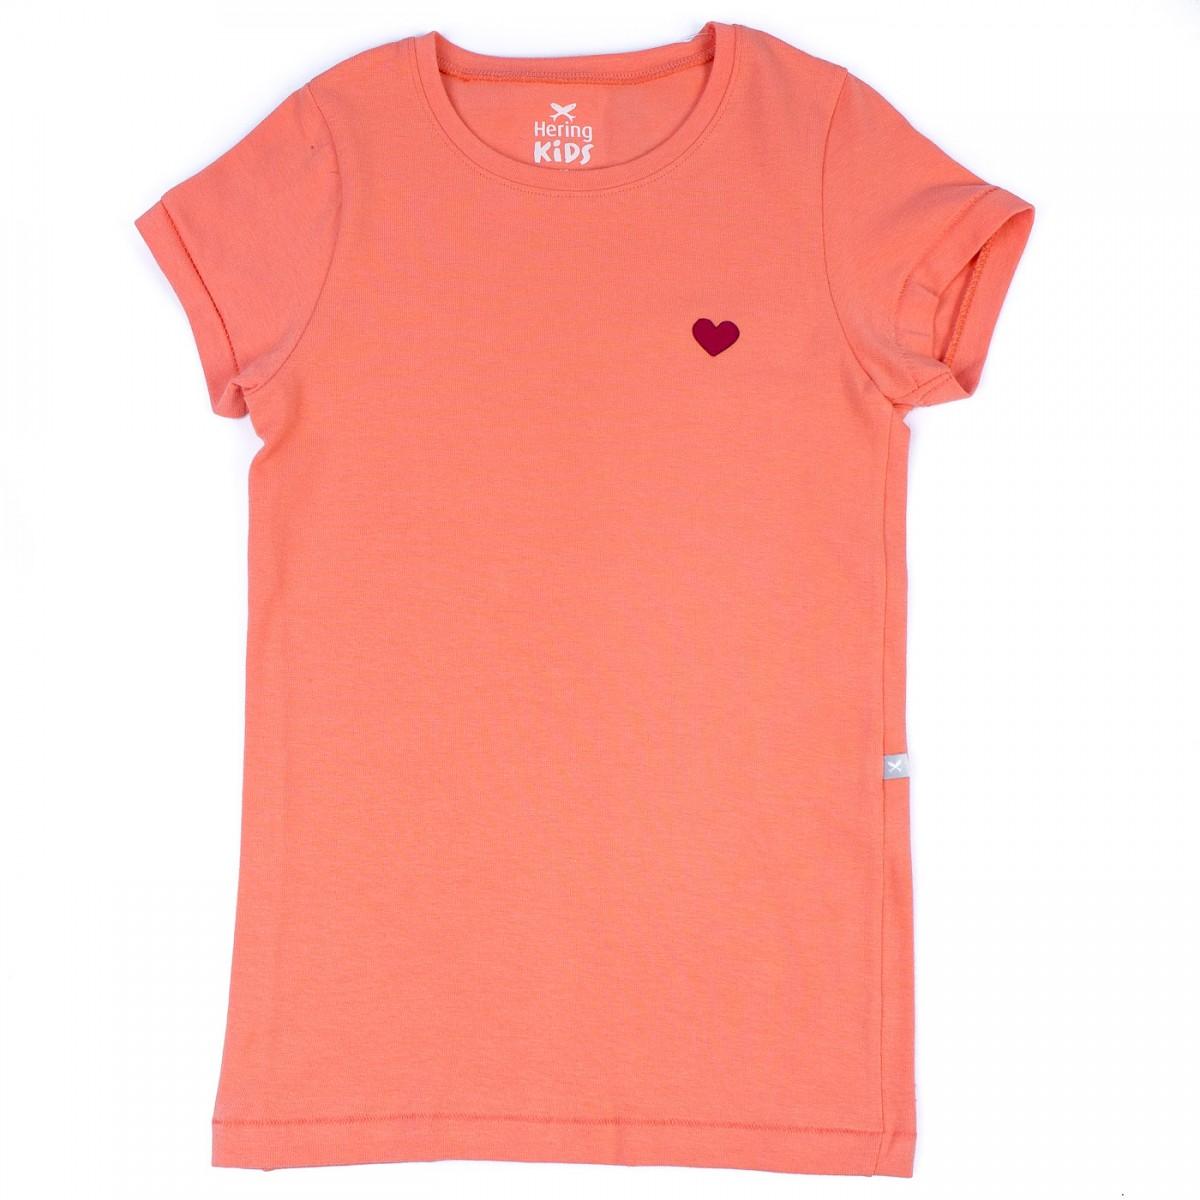 Bizz Store - Blusa Infantil Feminina Hering Kids Laranja fc3f8b3757b